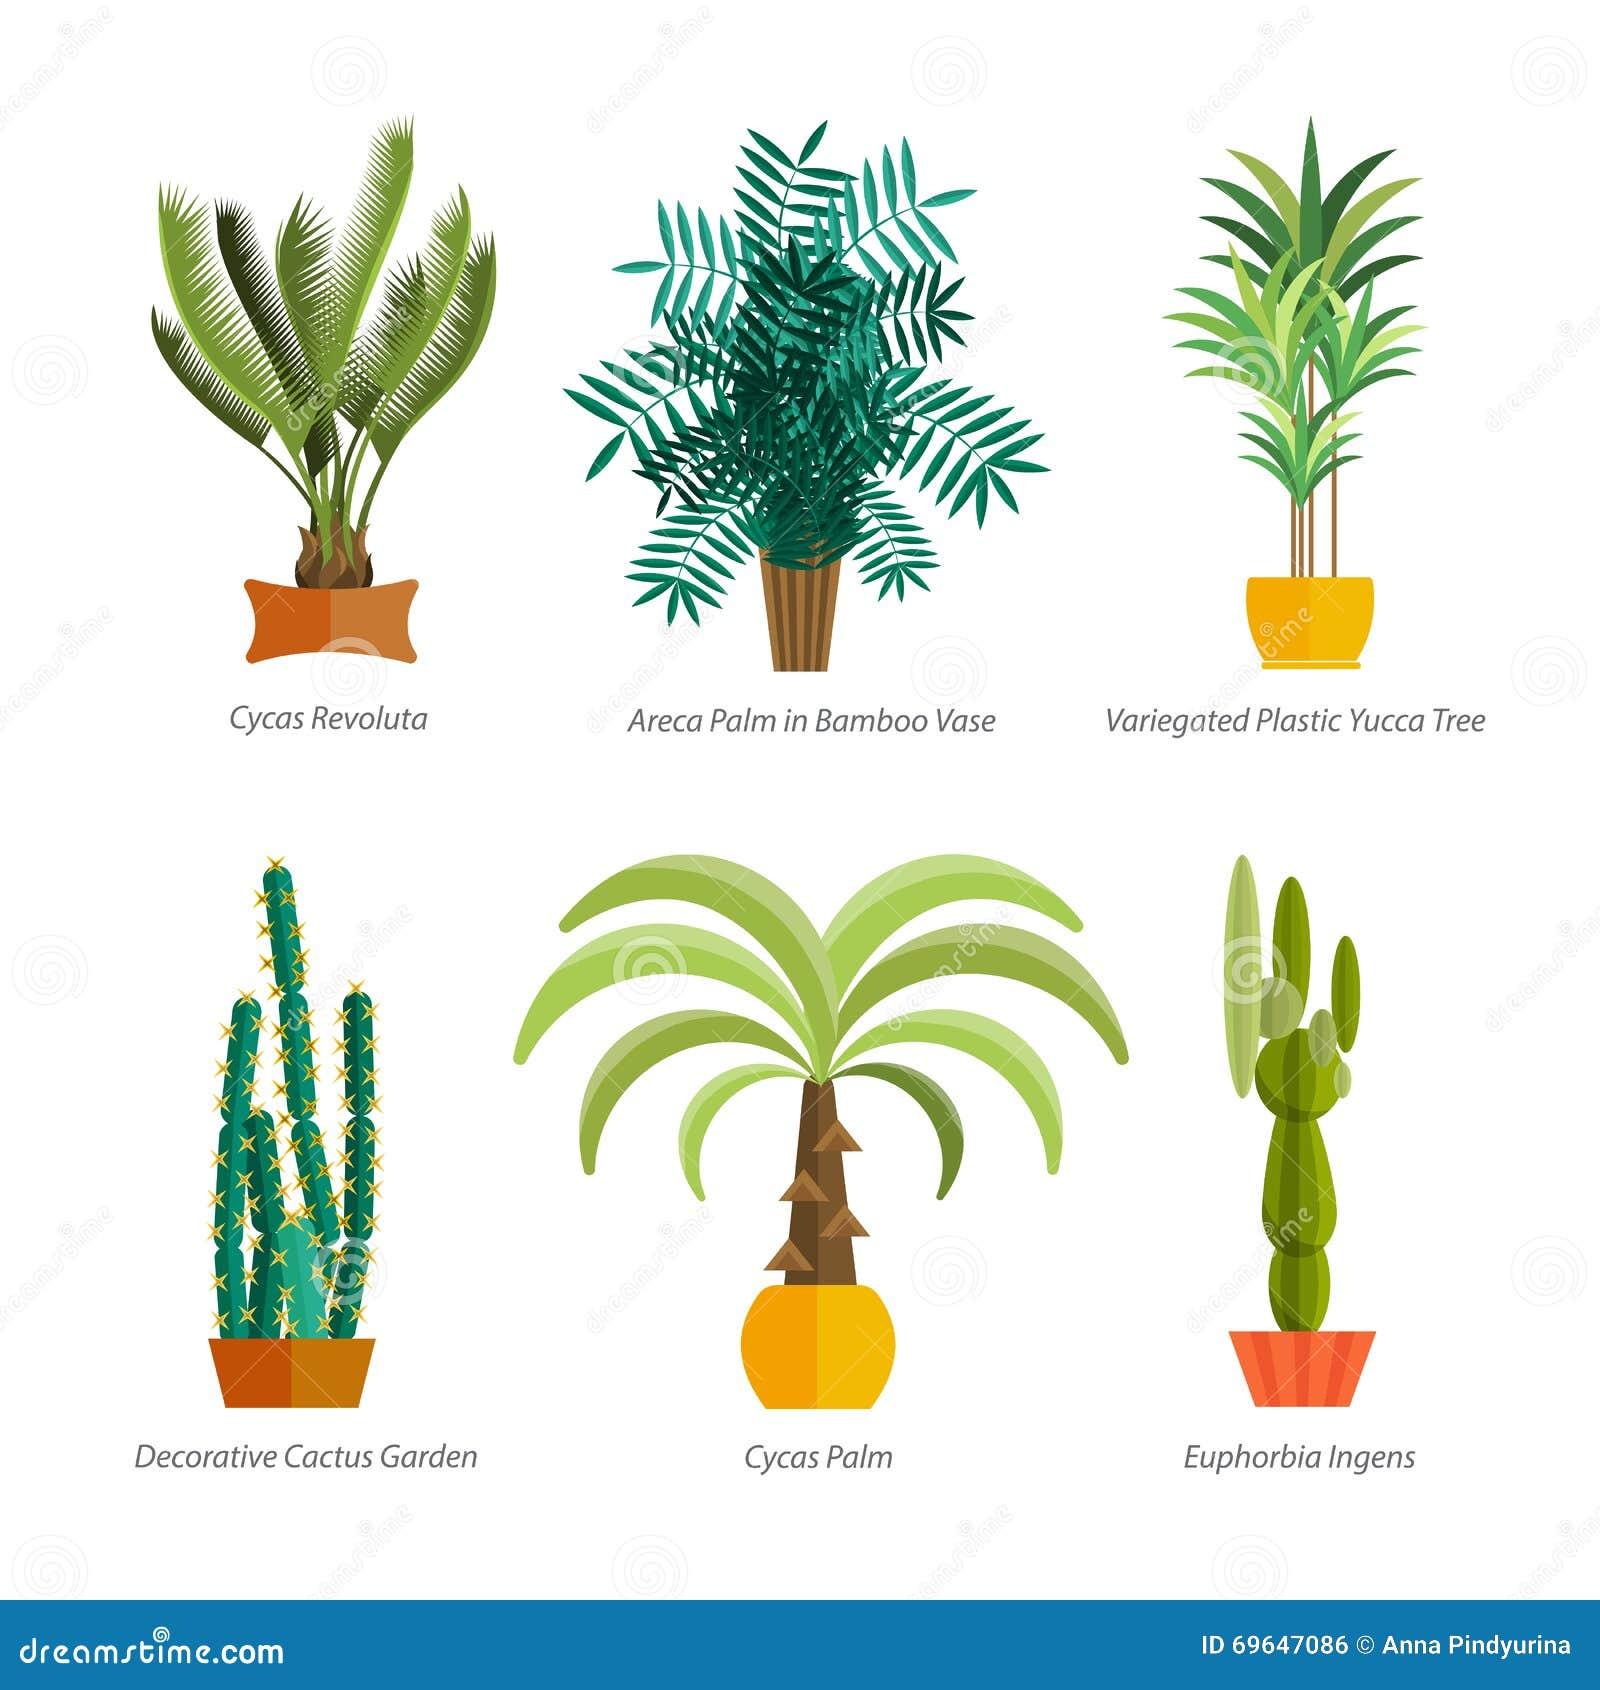 Vector Set Of Indoor Tree Home Plants In Pots. Illustration